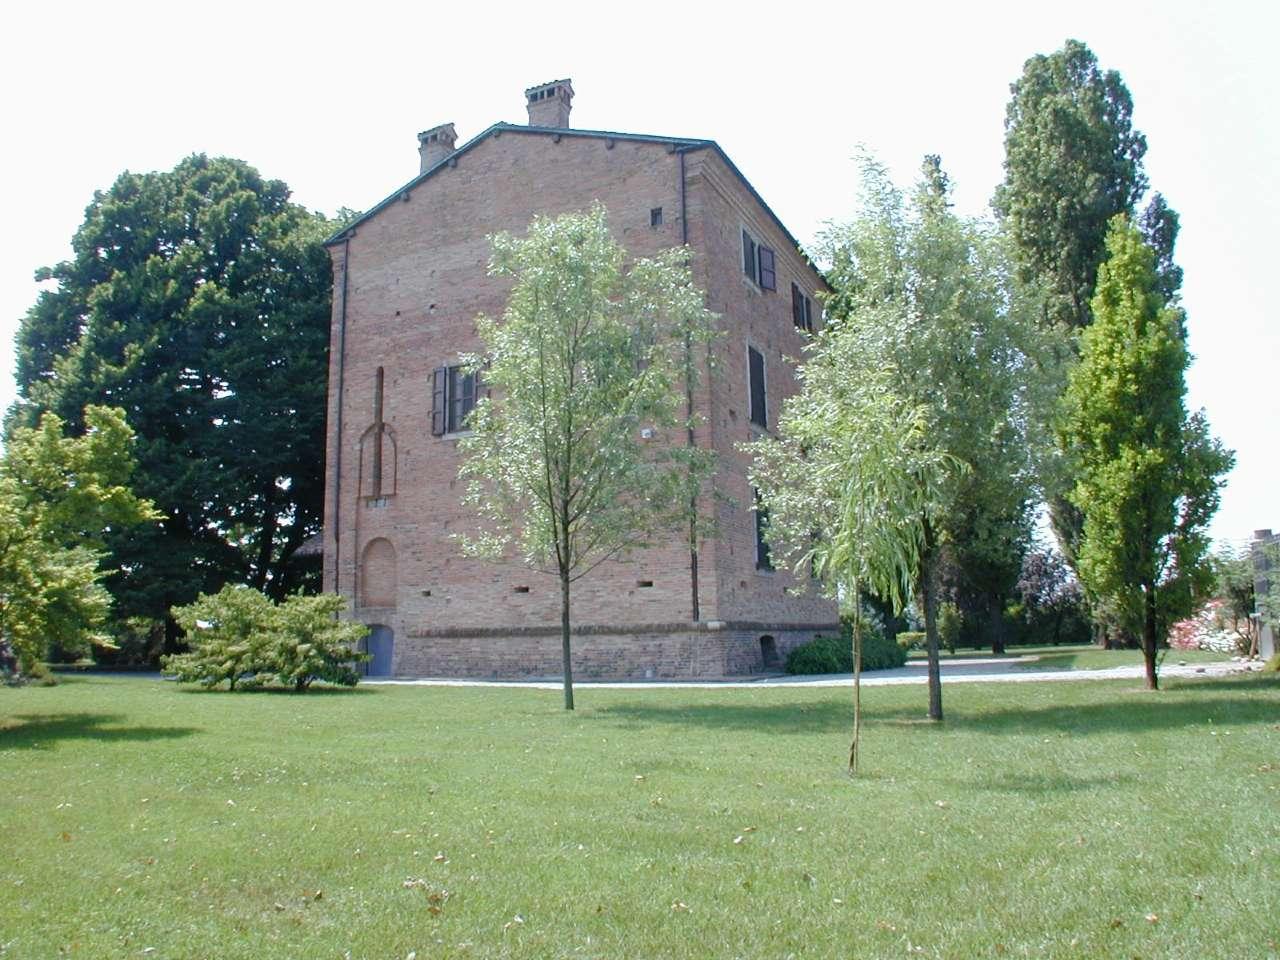 Palazzo / Stabile in vendita a San Pietro in Cerro, 10 locali, prezzo € 650.000 | CambioCasa.it